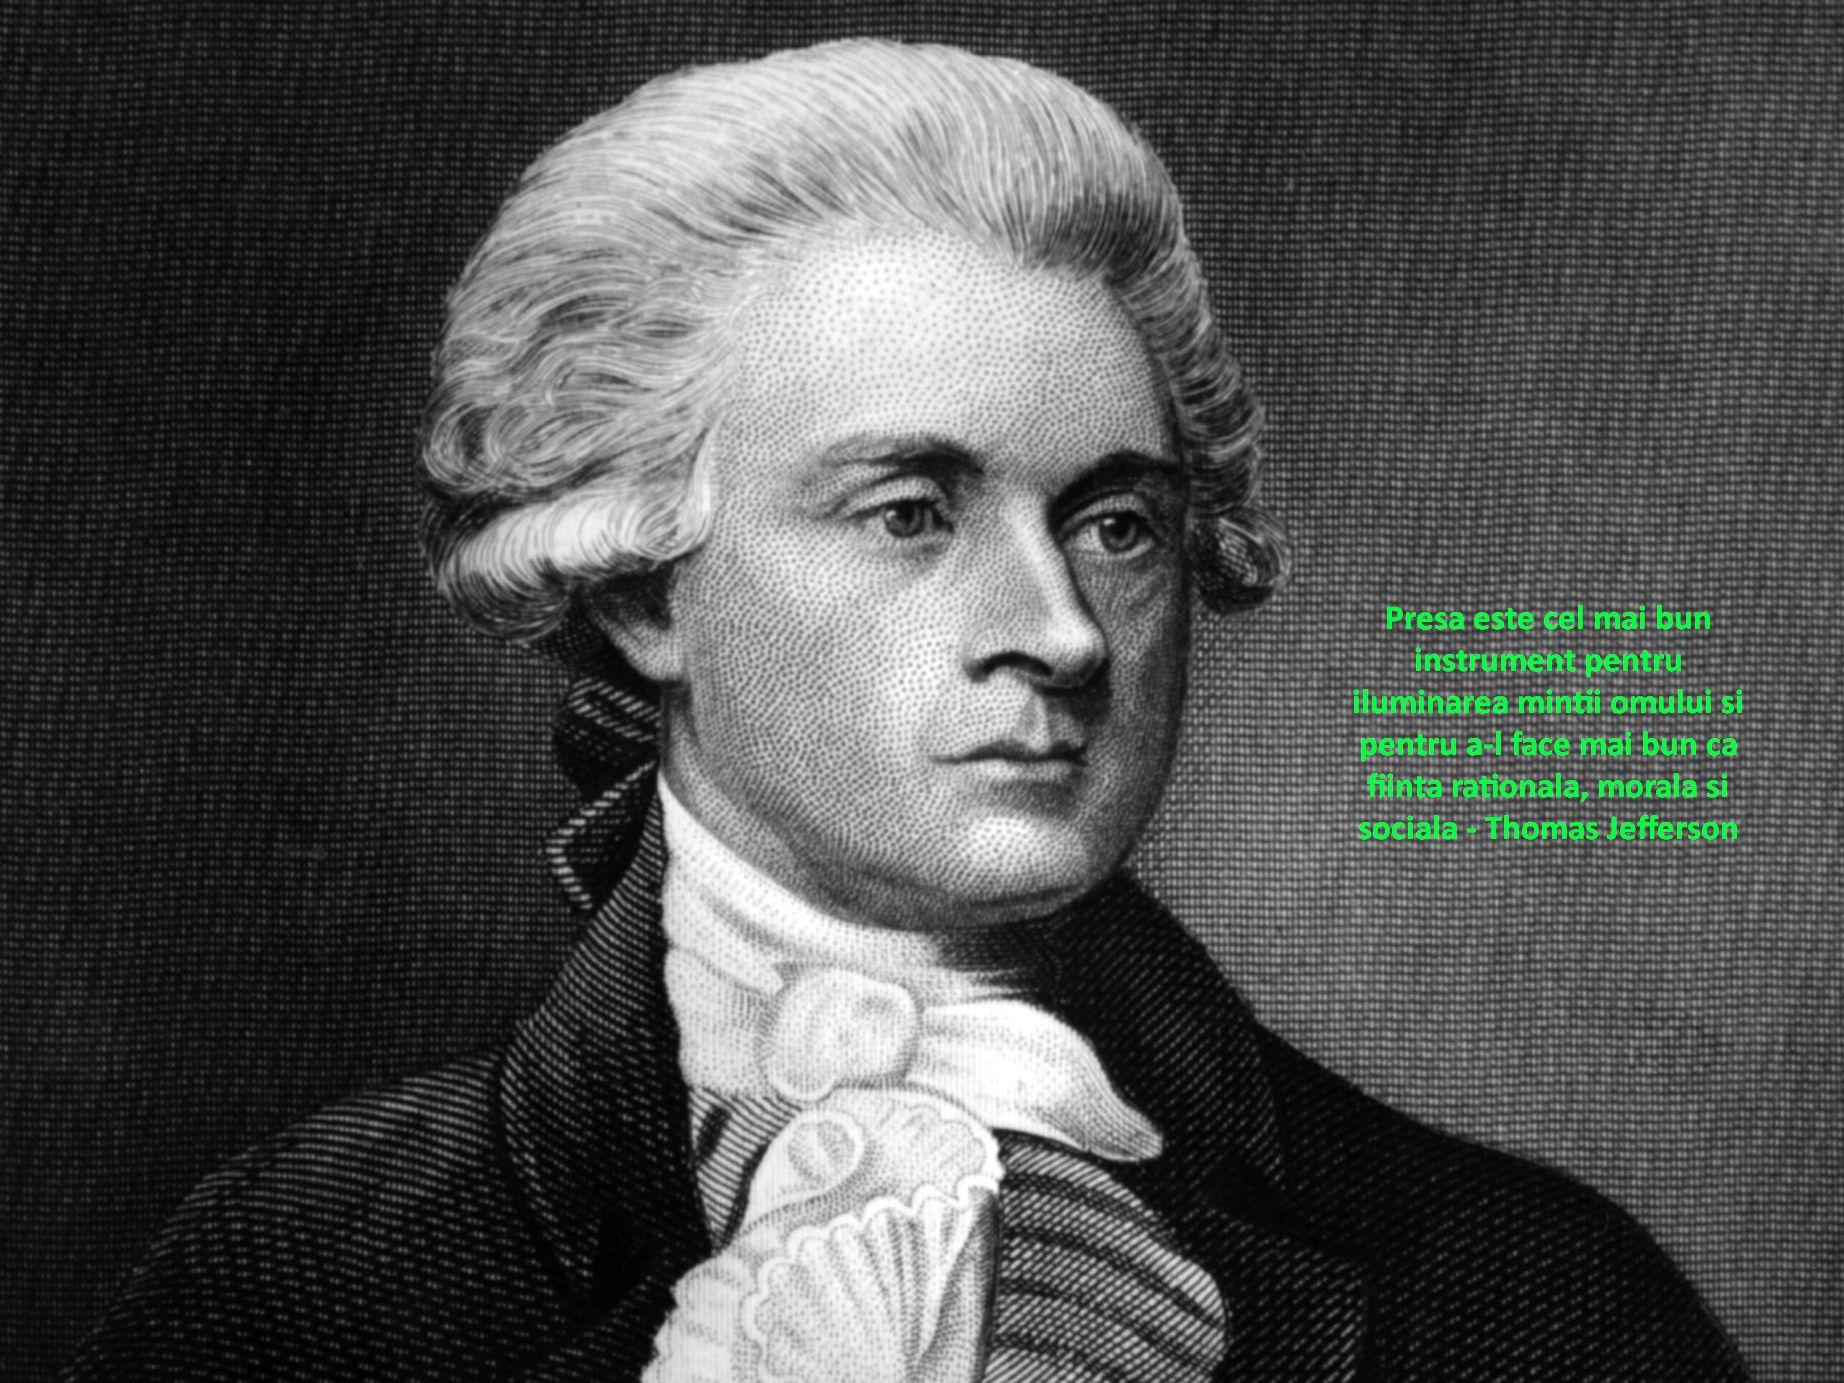 Presa este cel mai bun instrument pentru iluminarea mintii omului si pentru a-l face mai bun ca fiinta rationala, morala si sociala – Thomas Jefferson